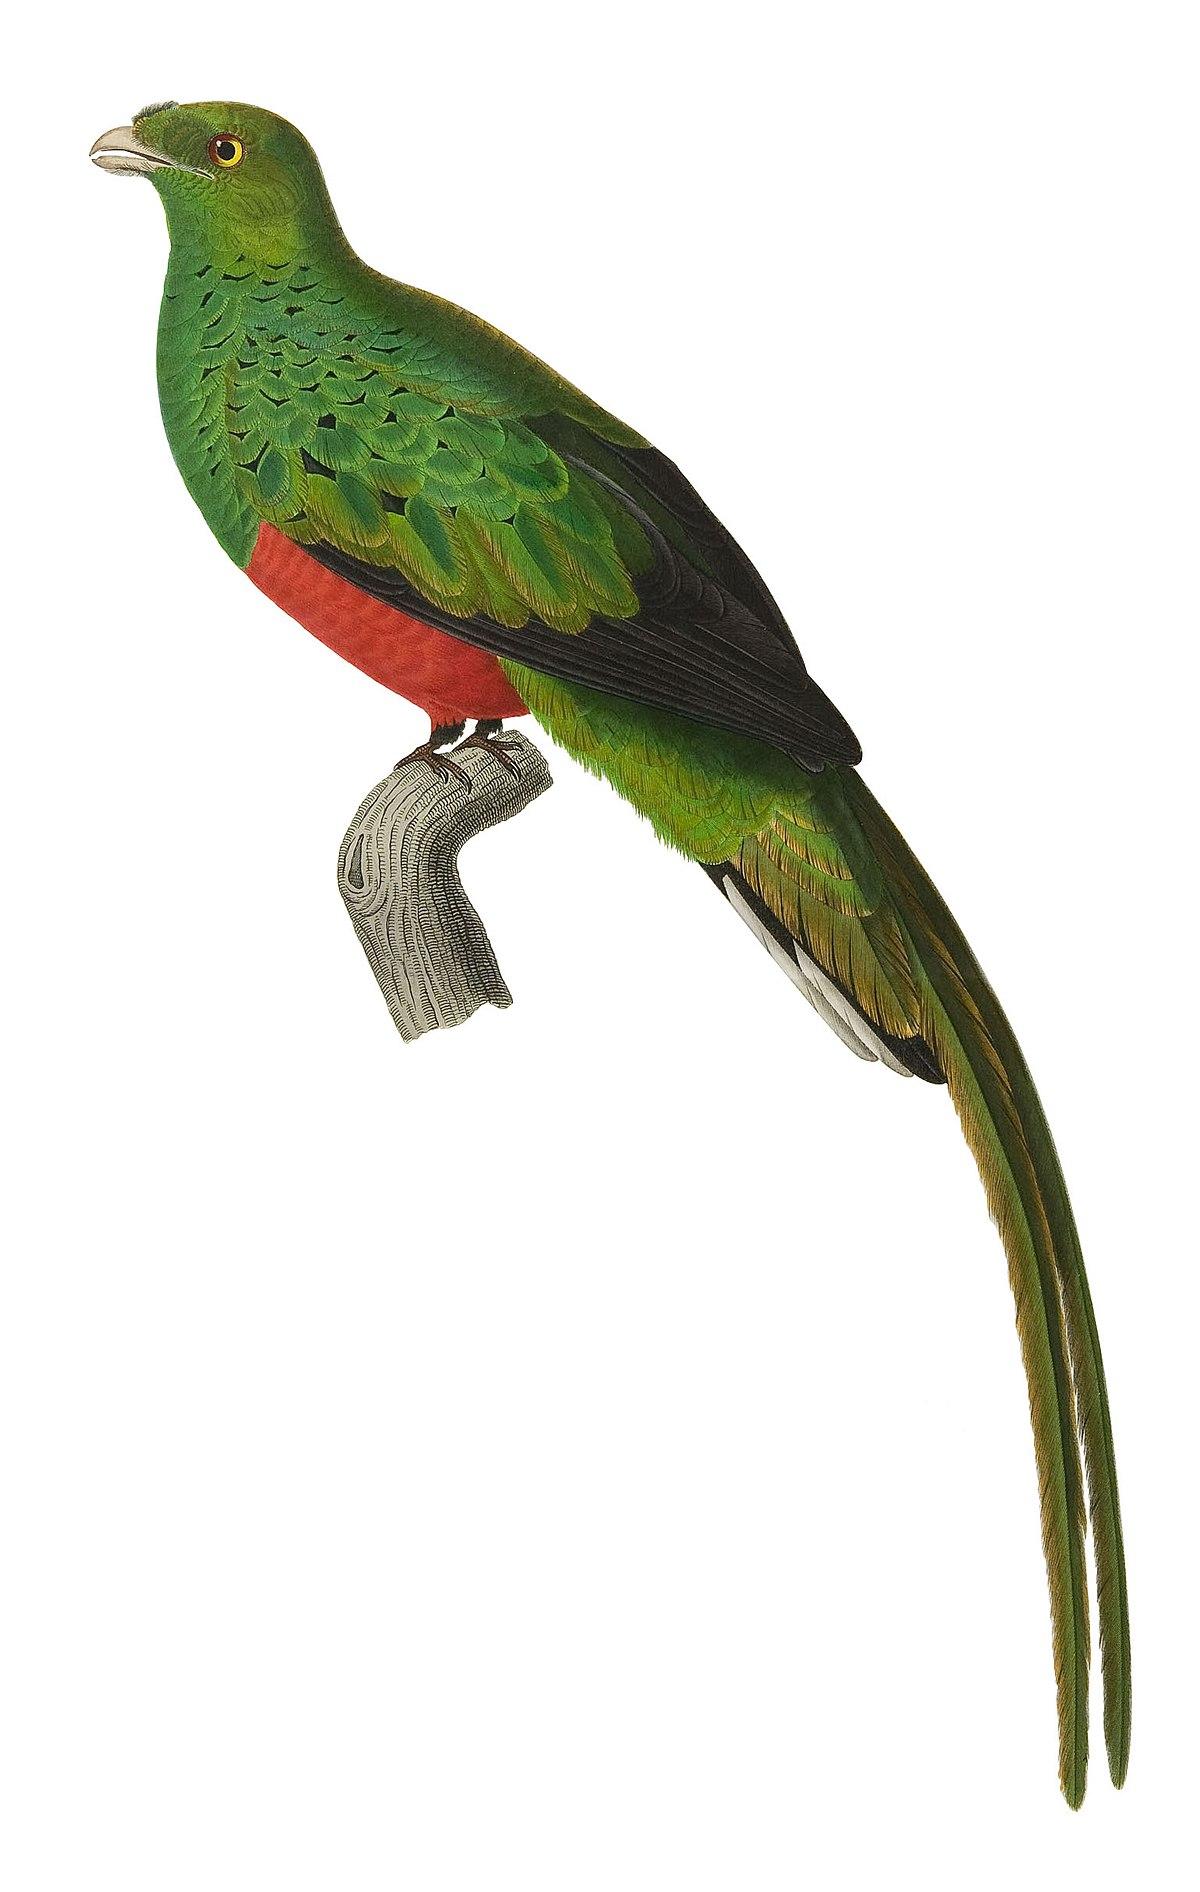 quetzal pavonin wikip u00e9dia parrot clip art black and white parrot clipart images